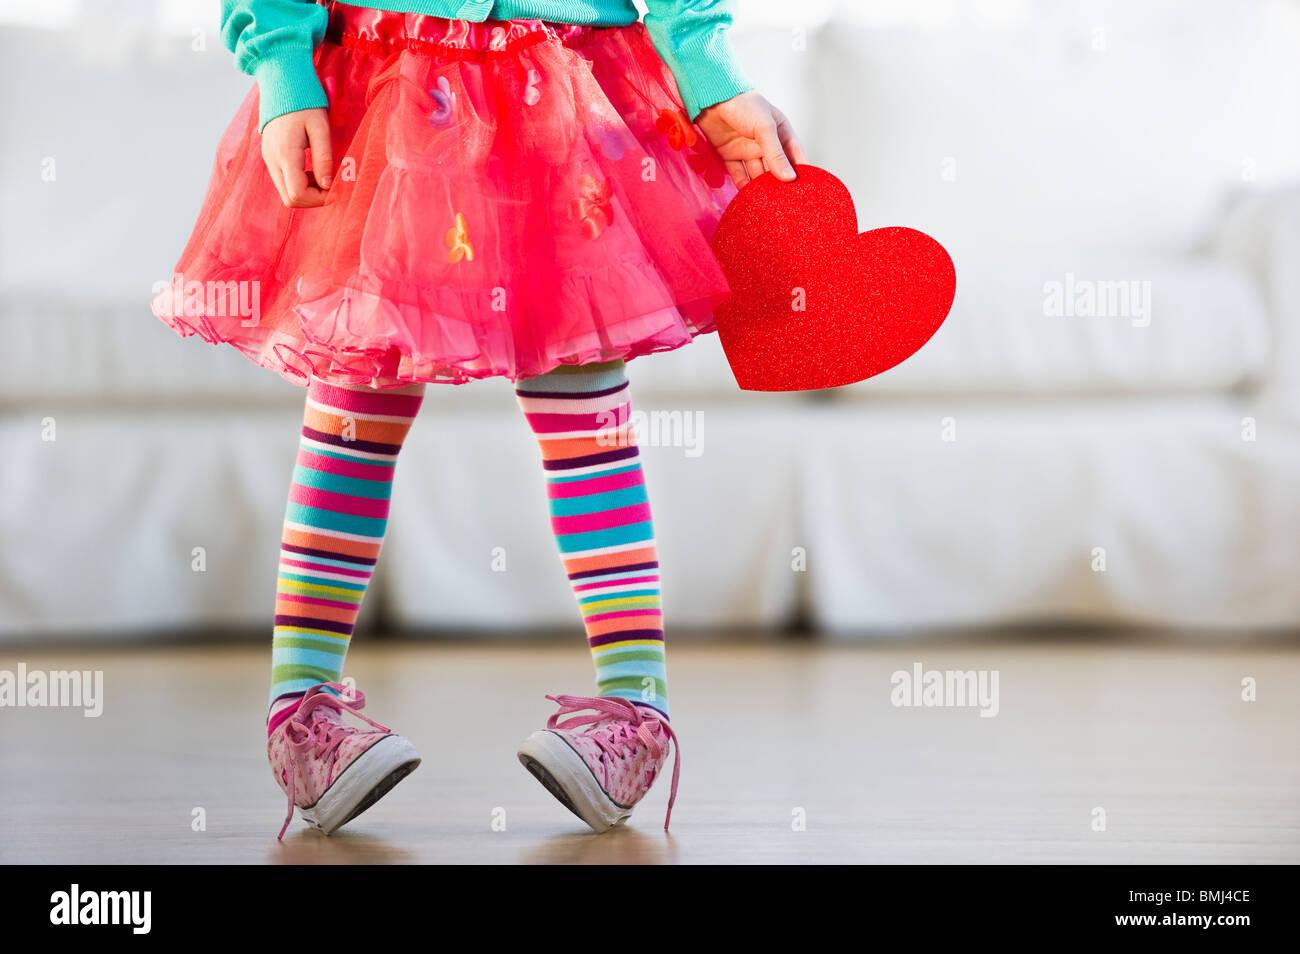 Jeune fille portant des collants colorés Photo Stock